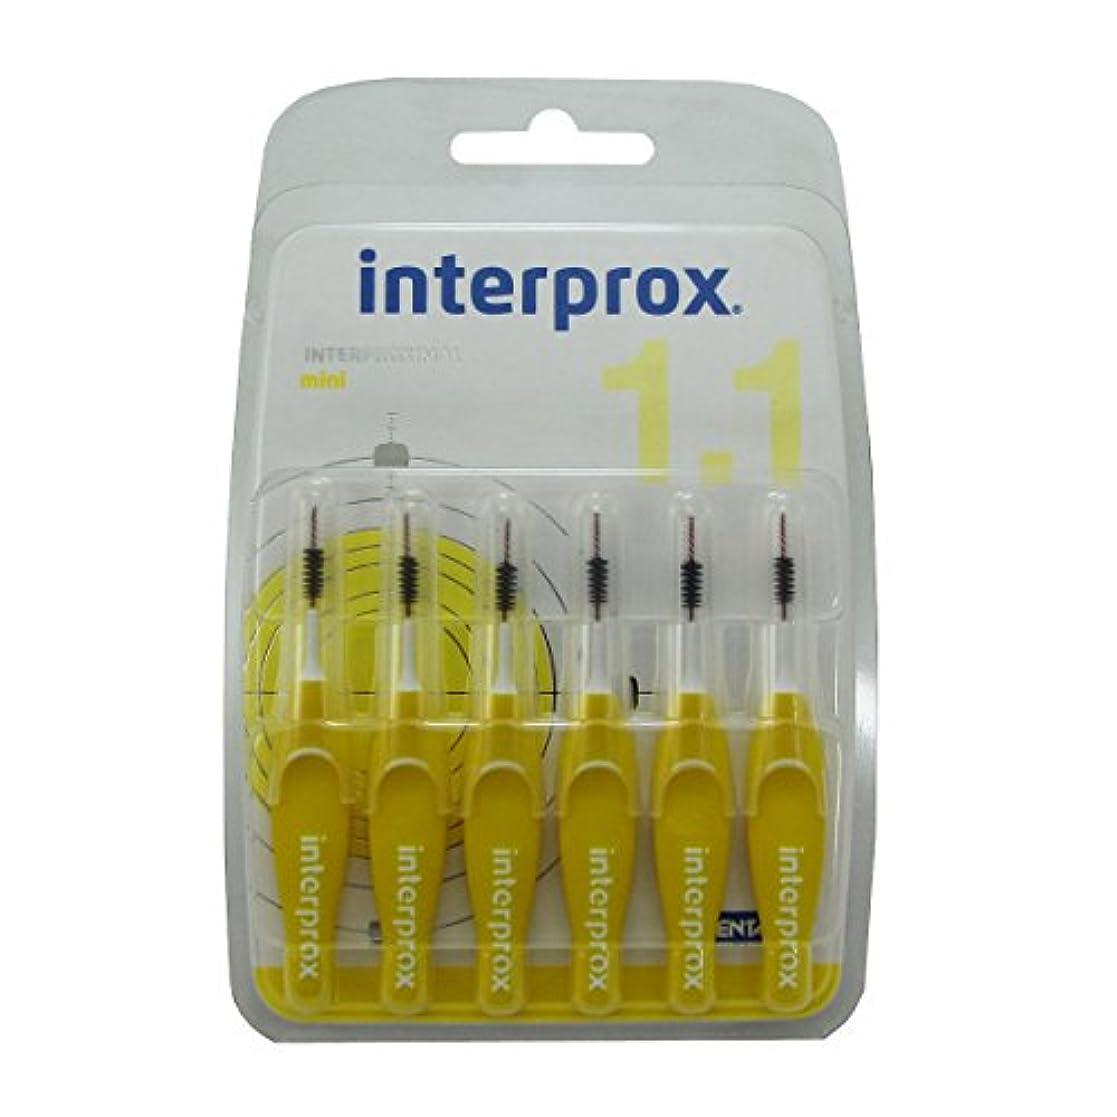 一見ファイアル信頼性のあるInterprox Mini Flexible Brush 1.1 X6 [並行輸入品]